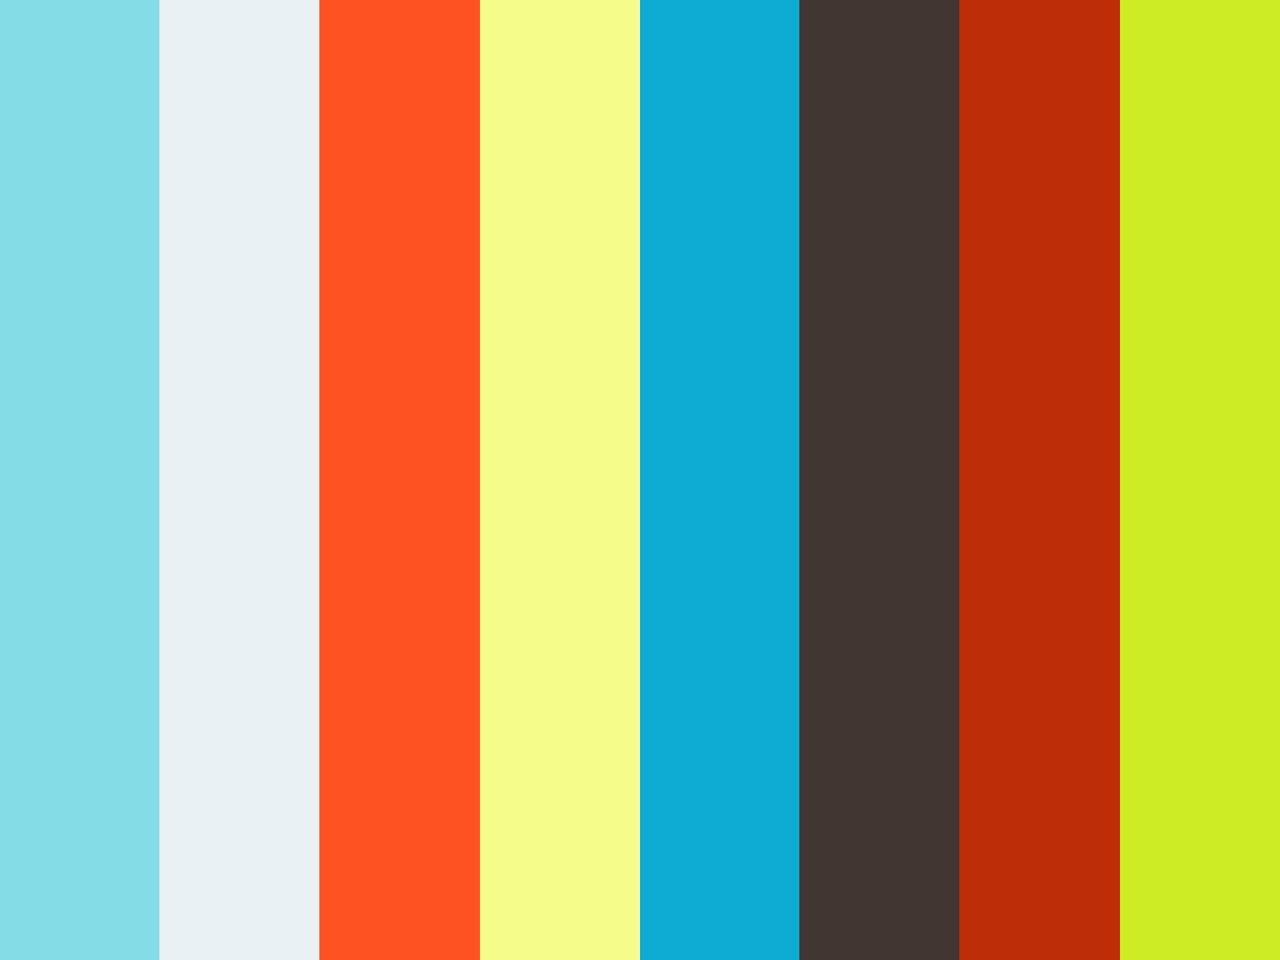 Tutorial Violín - Texturizado y shading de un Violín con Modo - 2/5